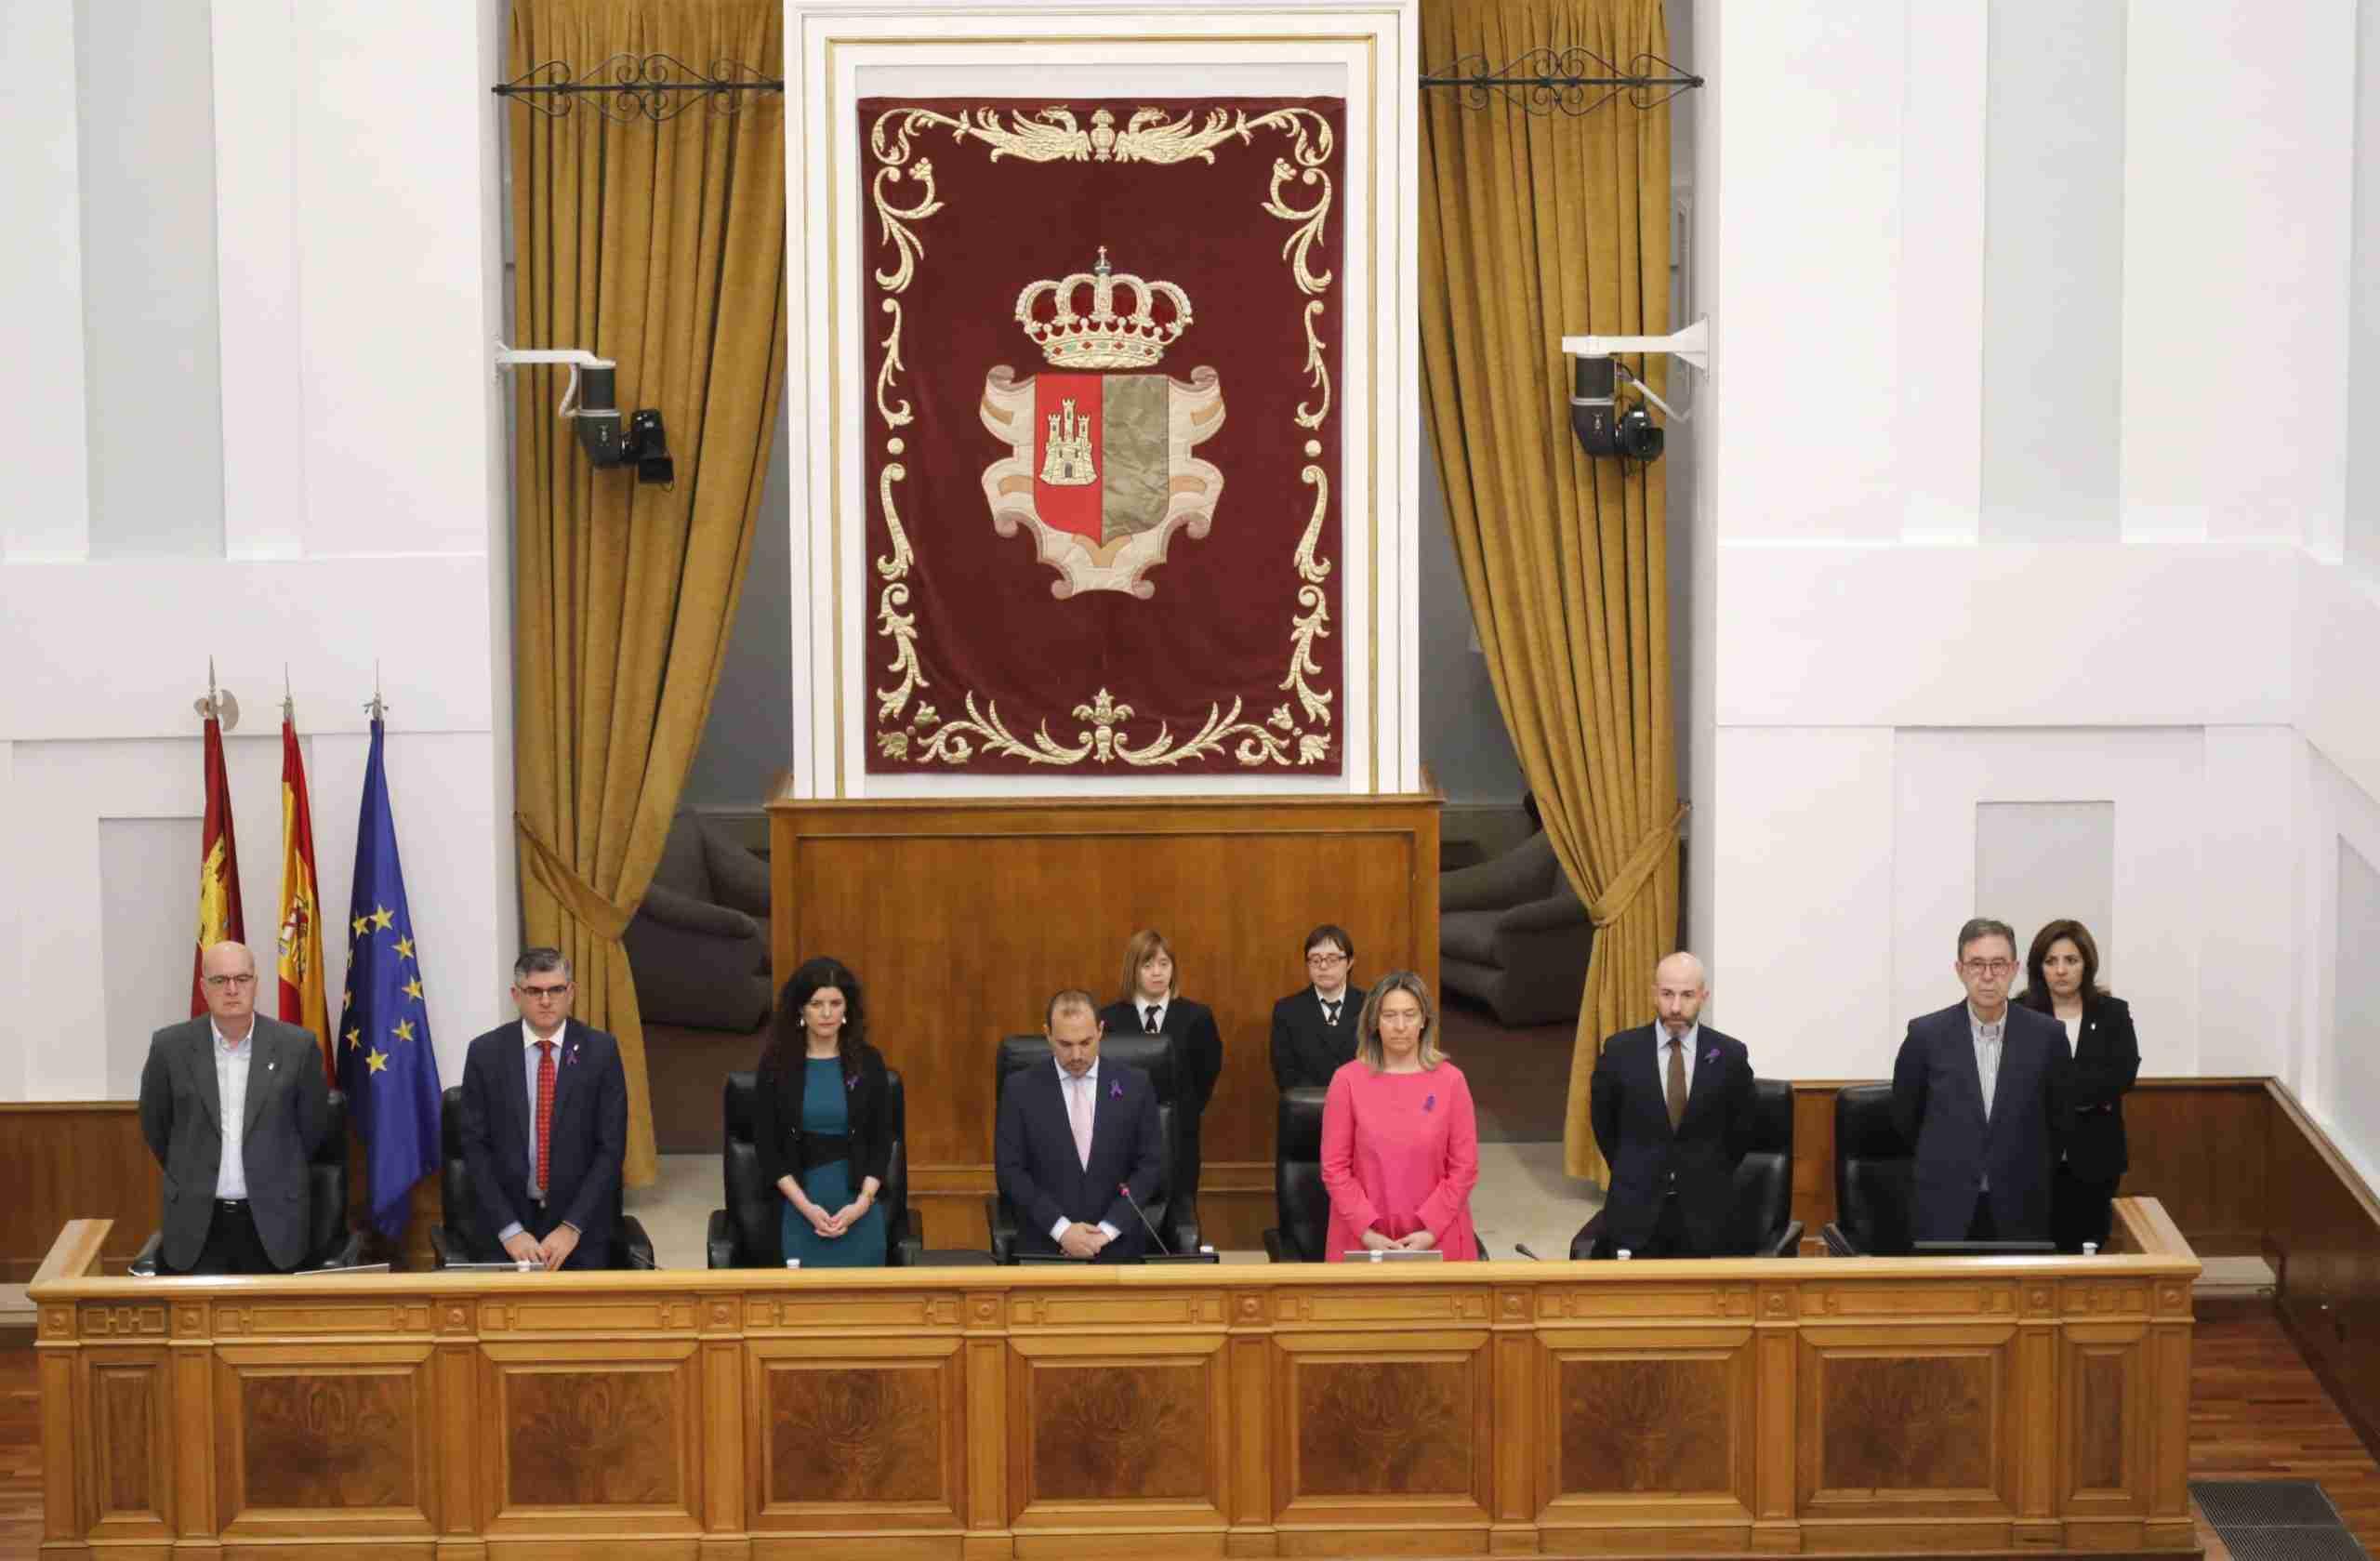 Unión por la igualdad de género en las Cortes de Castilla-La Mancha en vísperas del 8M 3